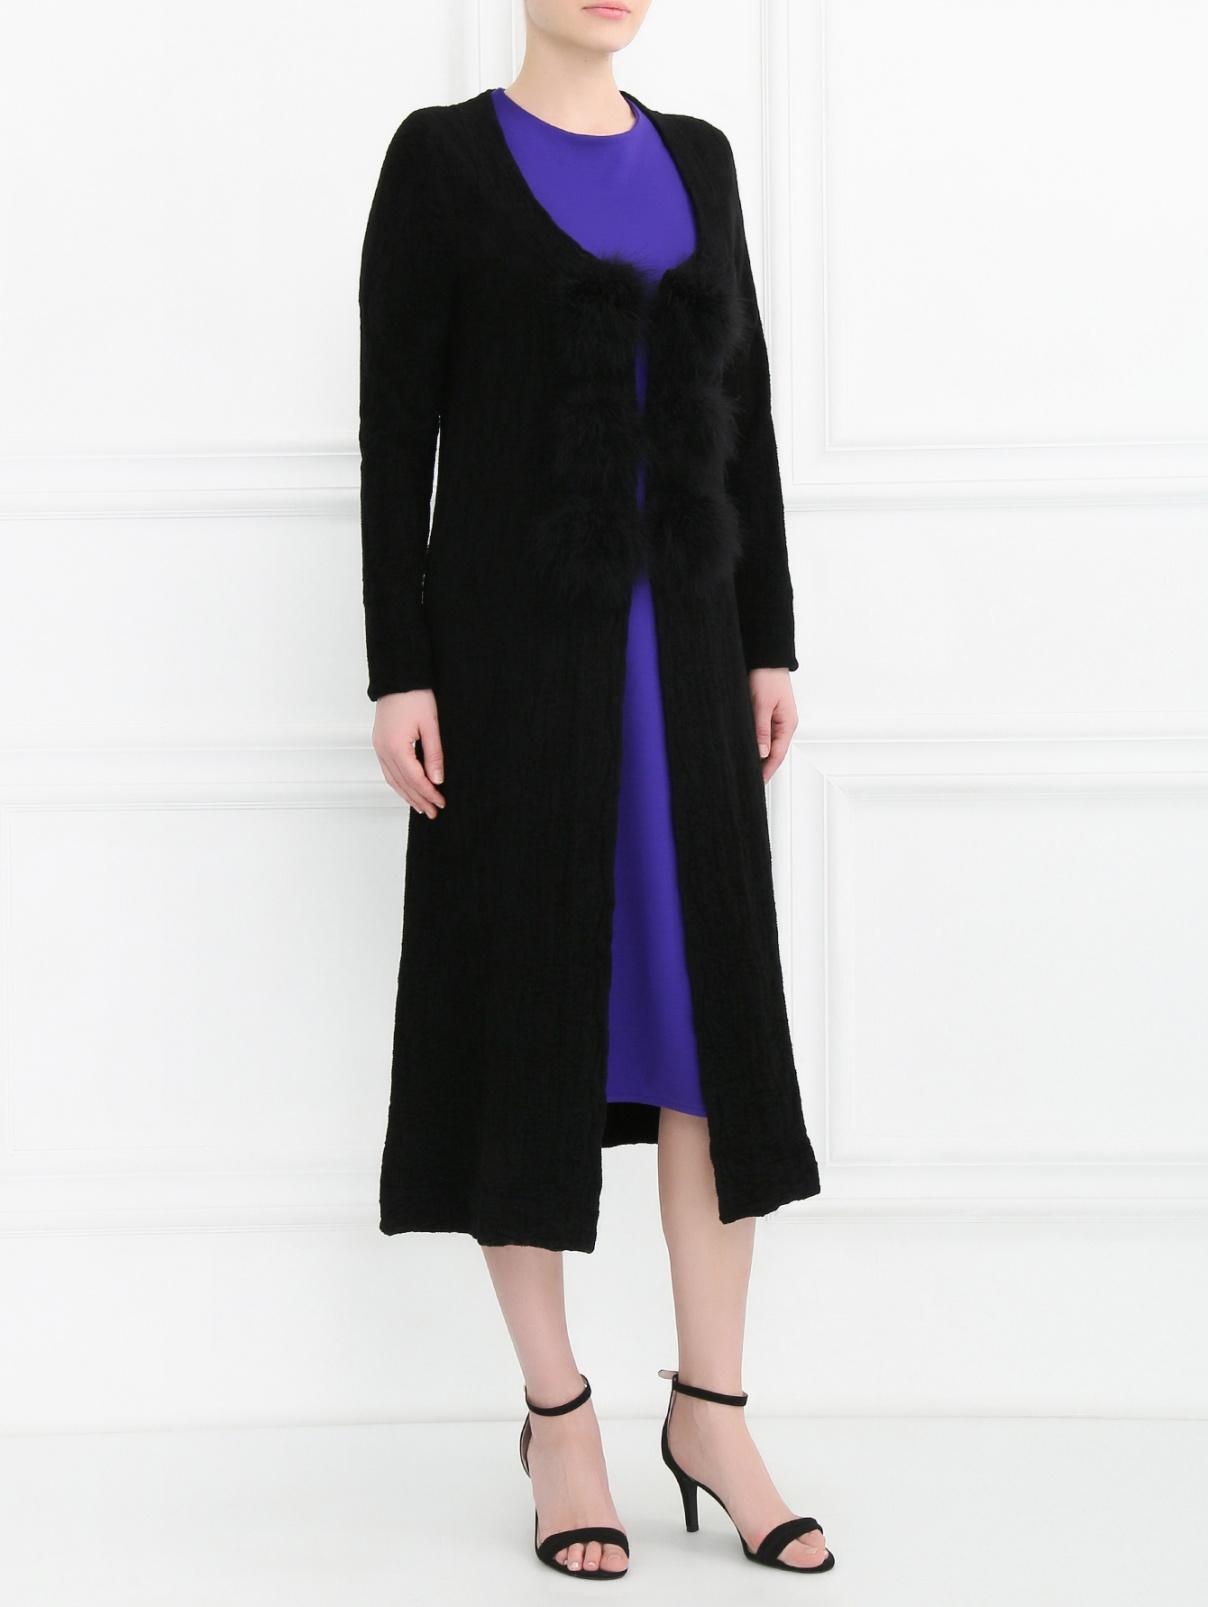 Удлиненный кардиган с меховой отделкой Sonia Rykiel  –  Модель Общий вид  – Цвет:  Черный